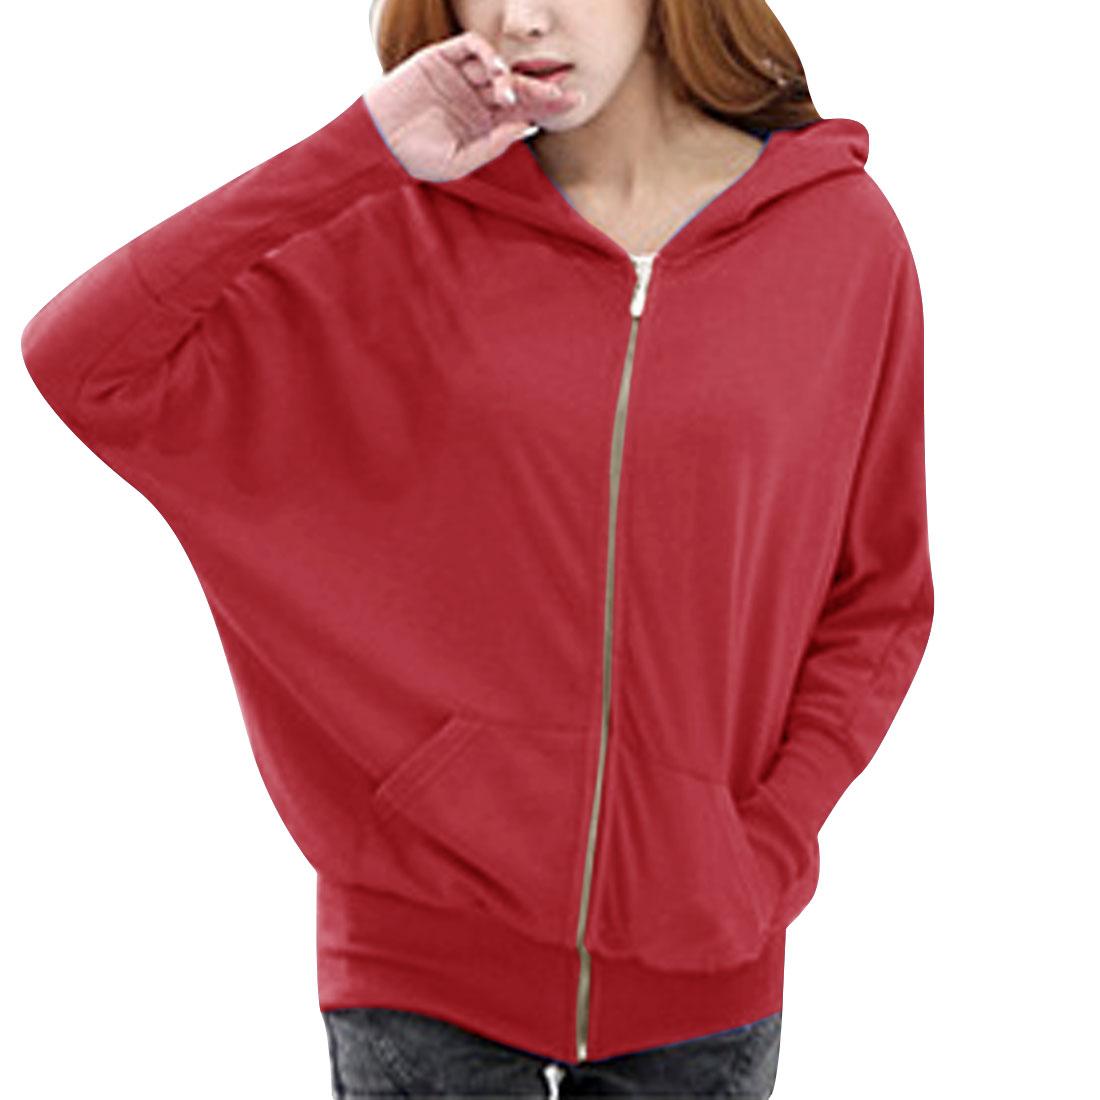 Women Dolman Sleeves Kangaroo Pocket Zip Up Hoodie Red S